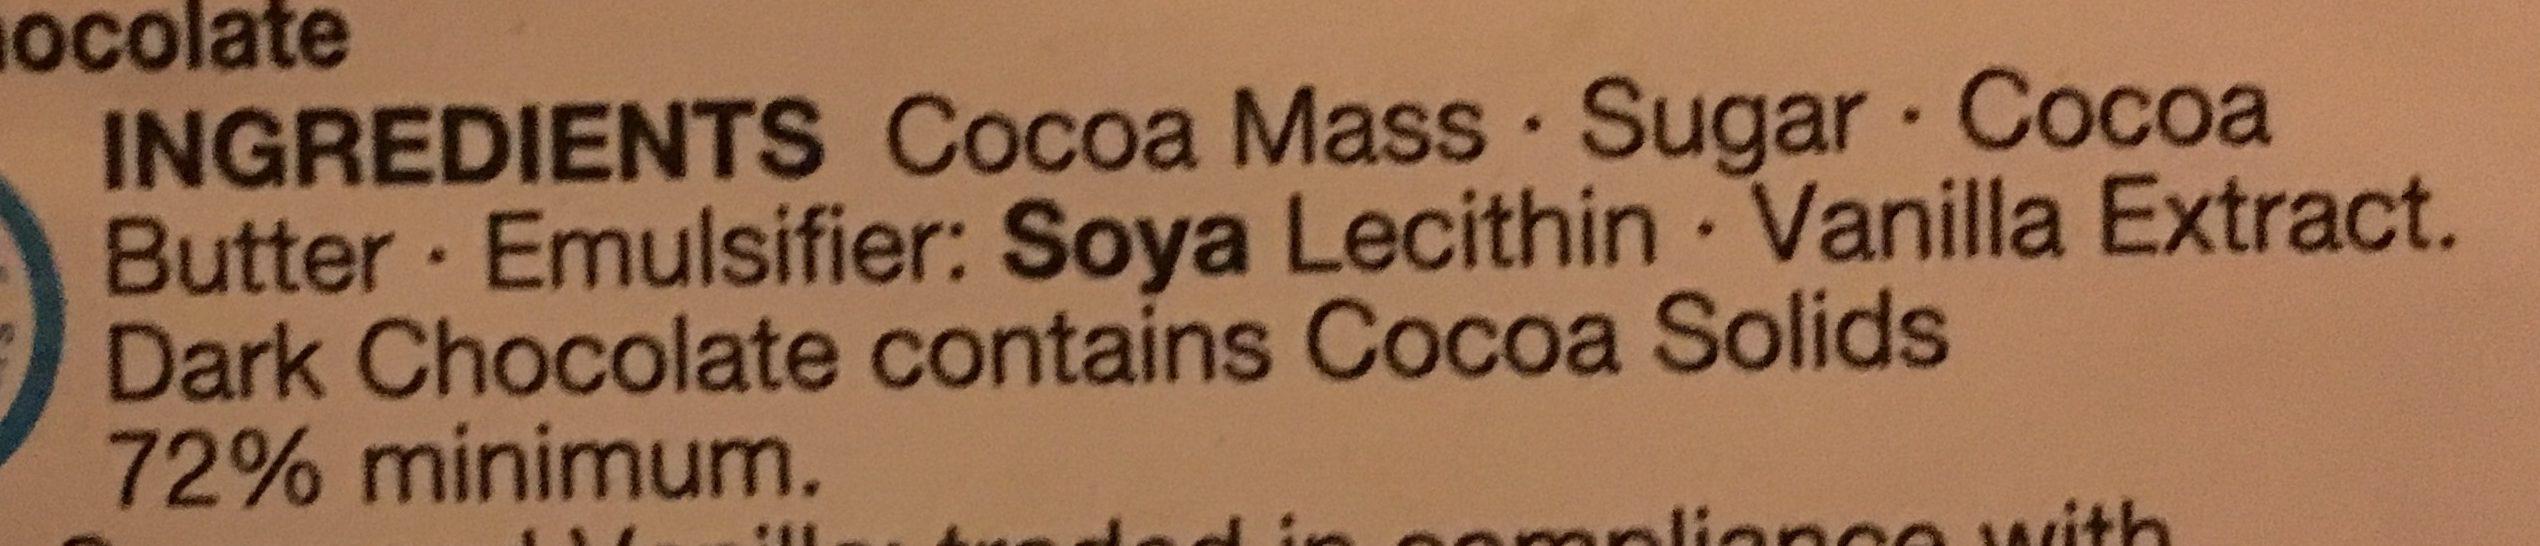 Dark Chocolate 72% Cocoa Solids - Ingredients - en